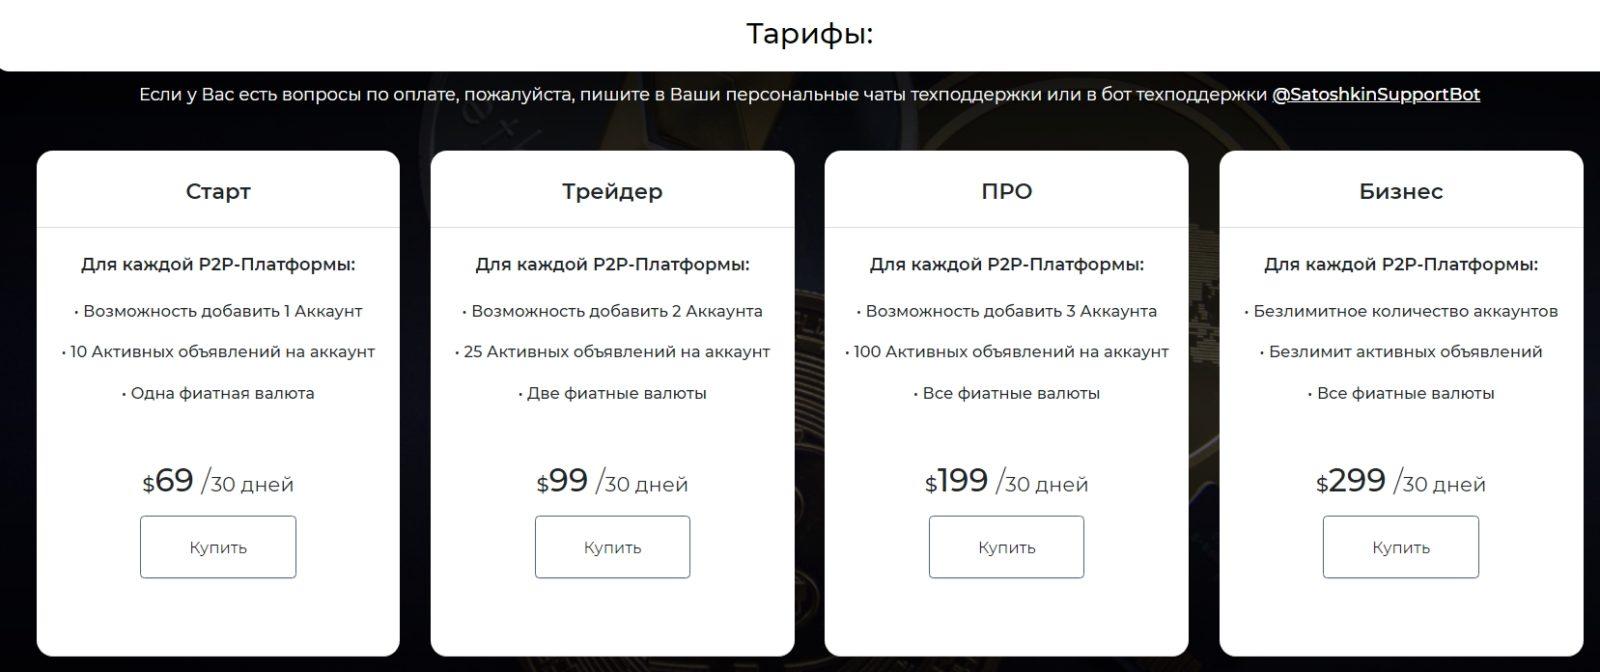 Бот Сатошкин Дмитрия Степанина тарифы